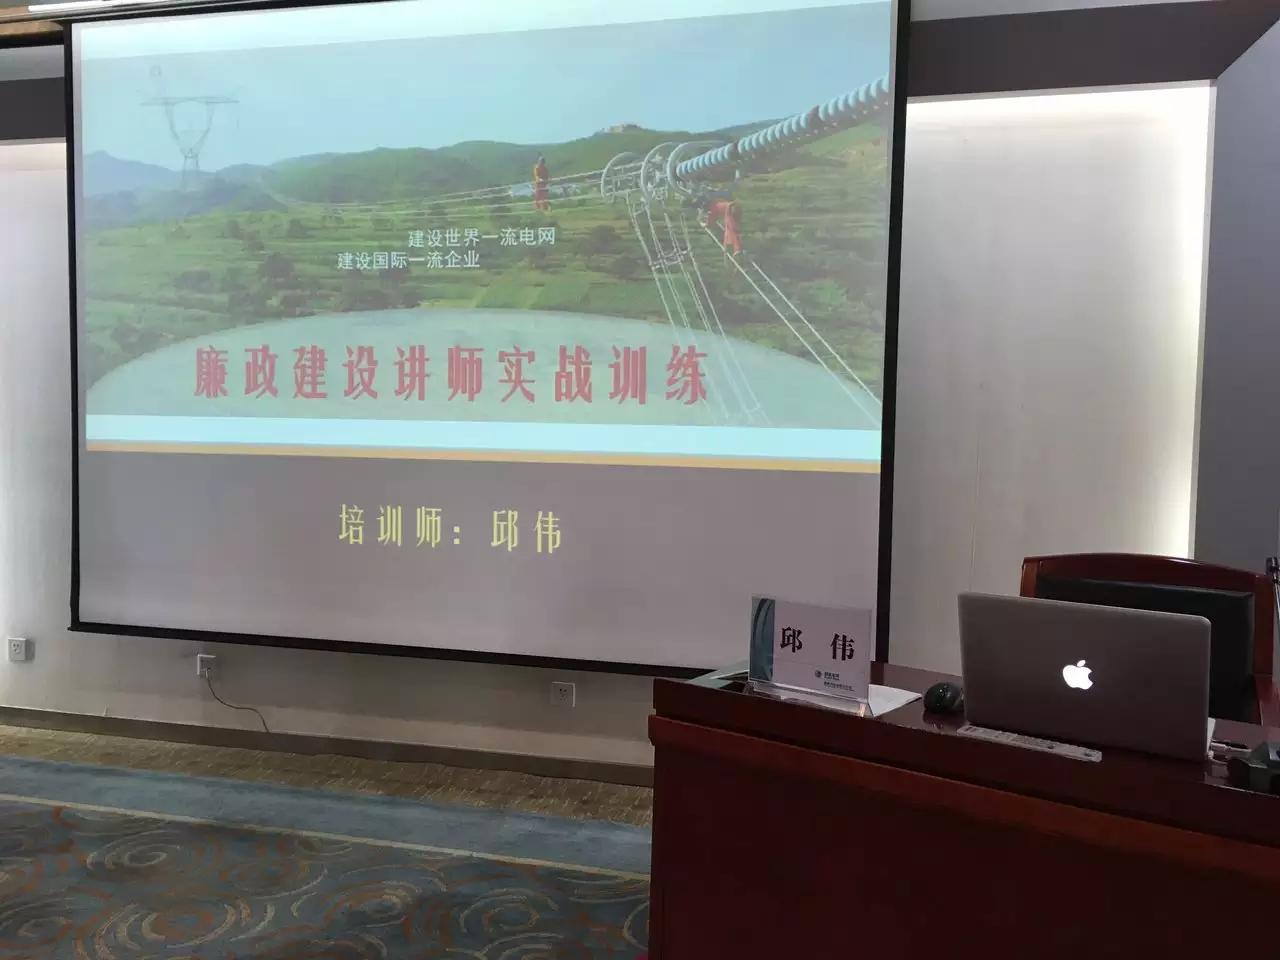 国家电网《FAST高效课程开发》 培训师邱伟